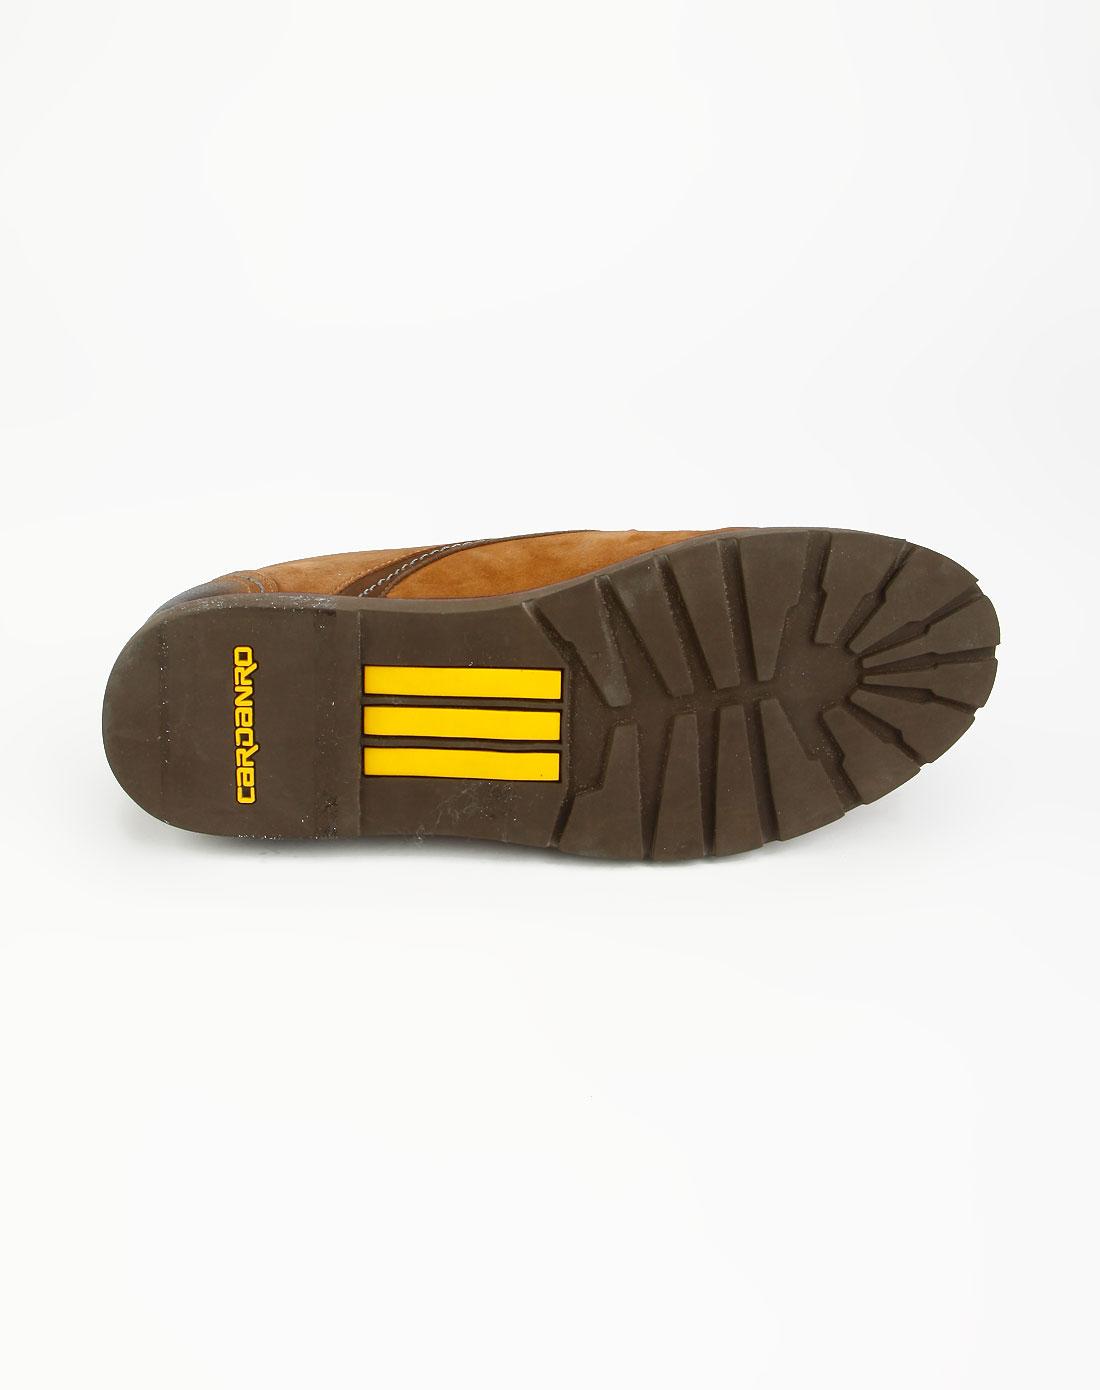 卡丹路cardanro卡其色染面休闲皮鞋y339508